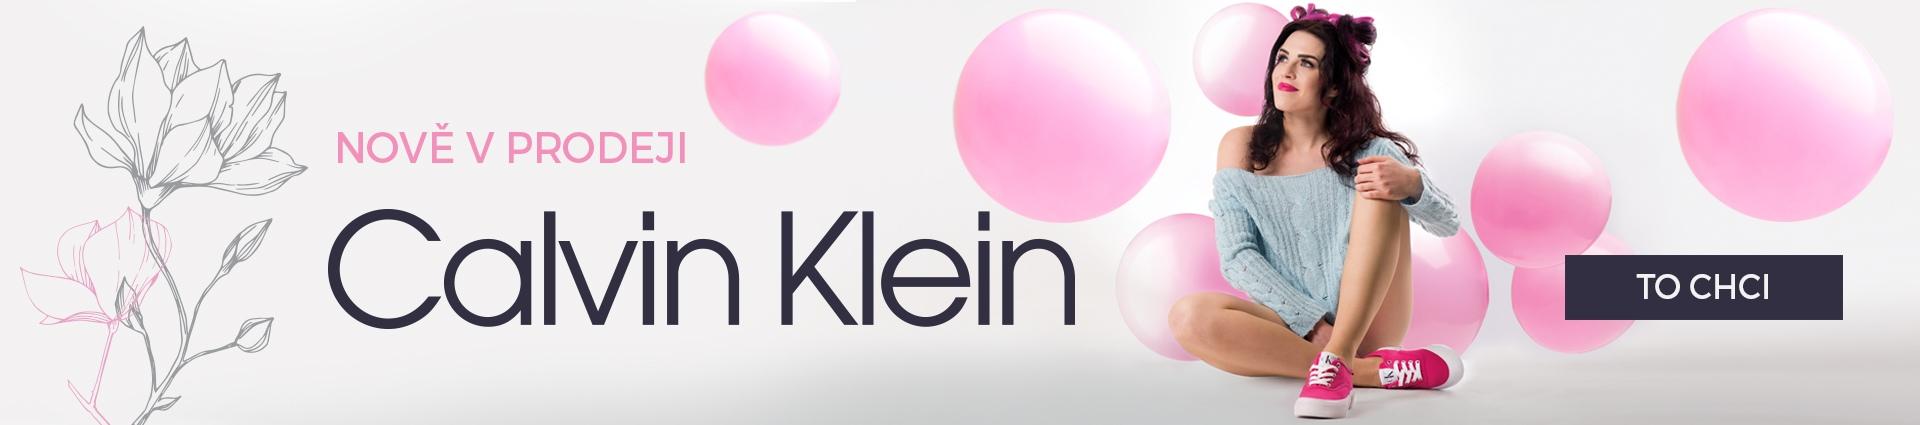 Calvin Klein nově v prodeji